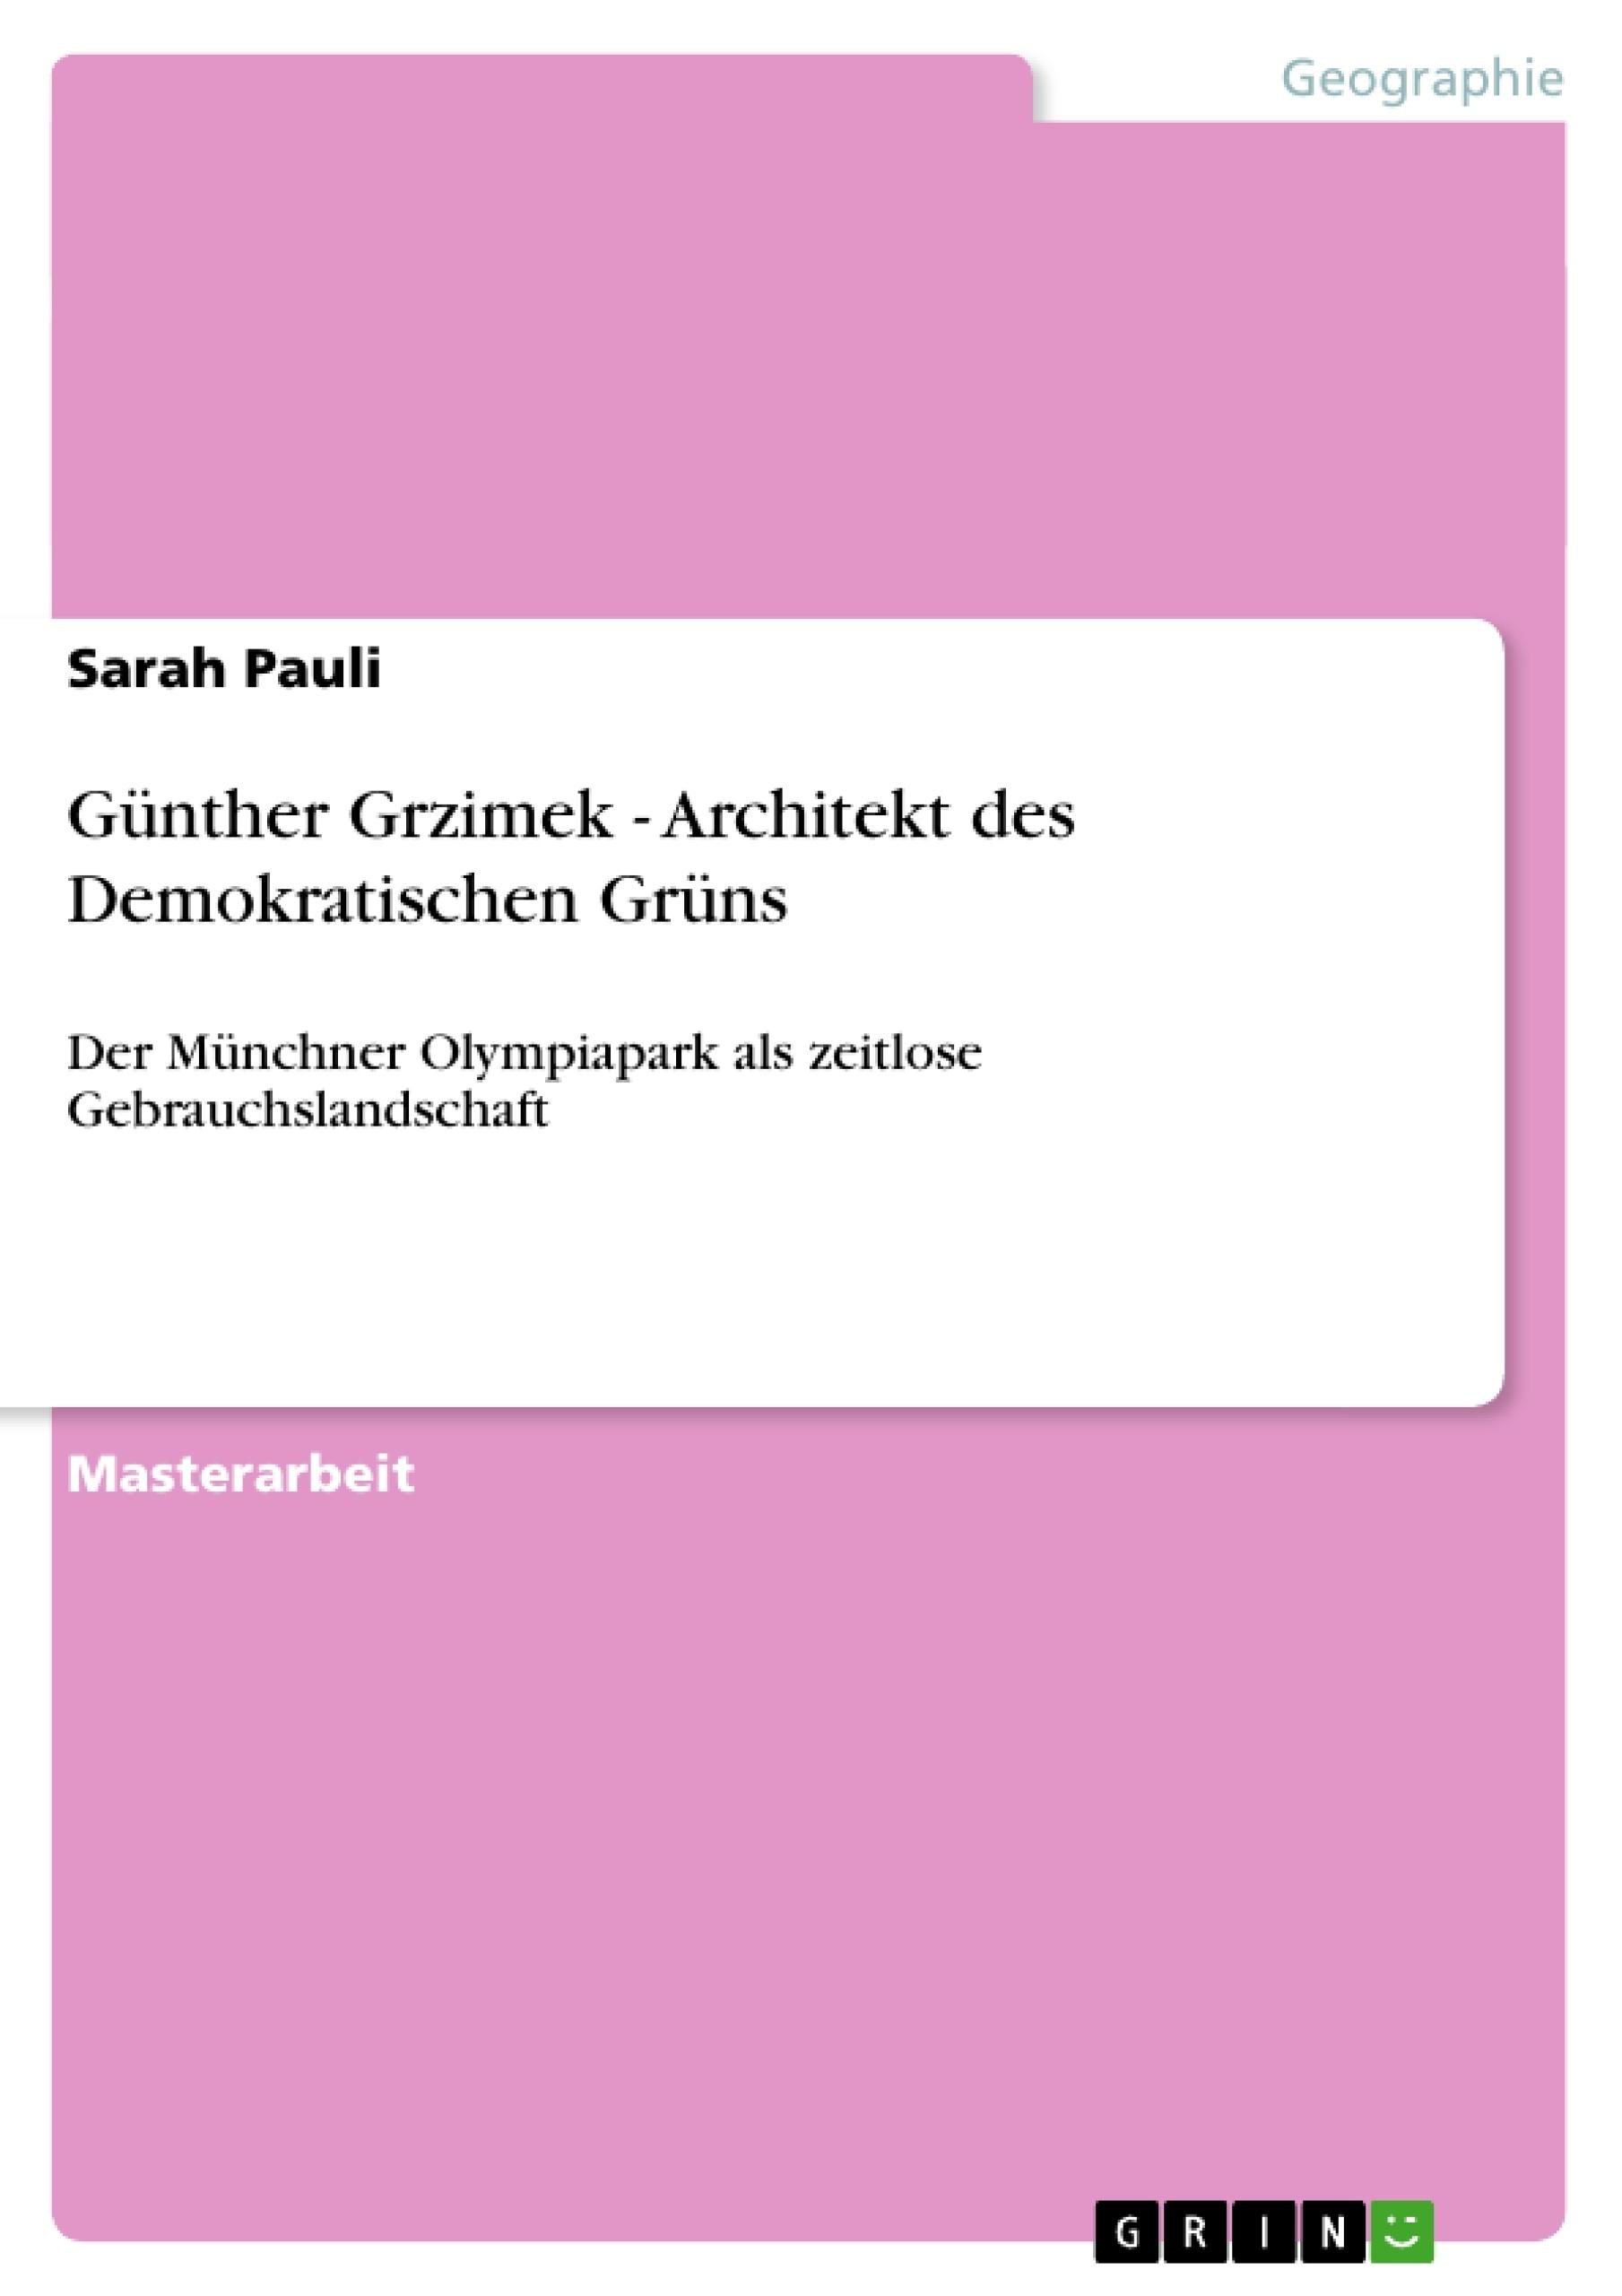 Titel: Günther Grzimek - Architekt des Demokratischen Grüns